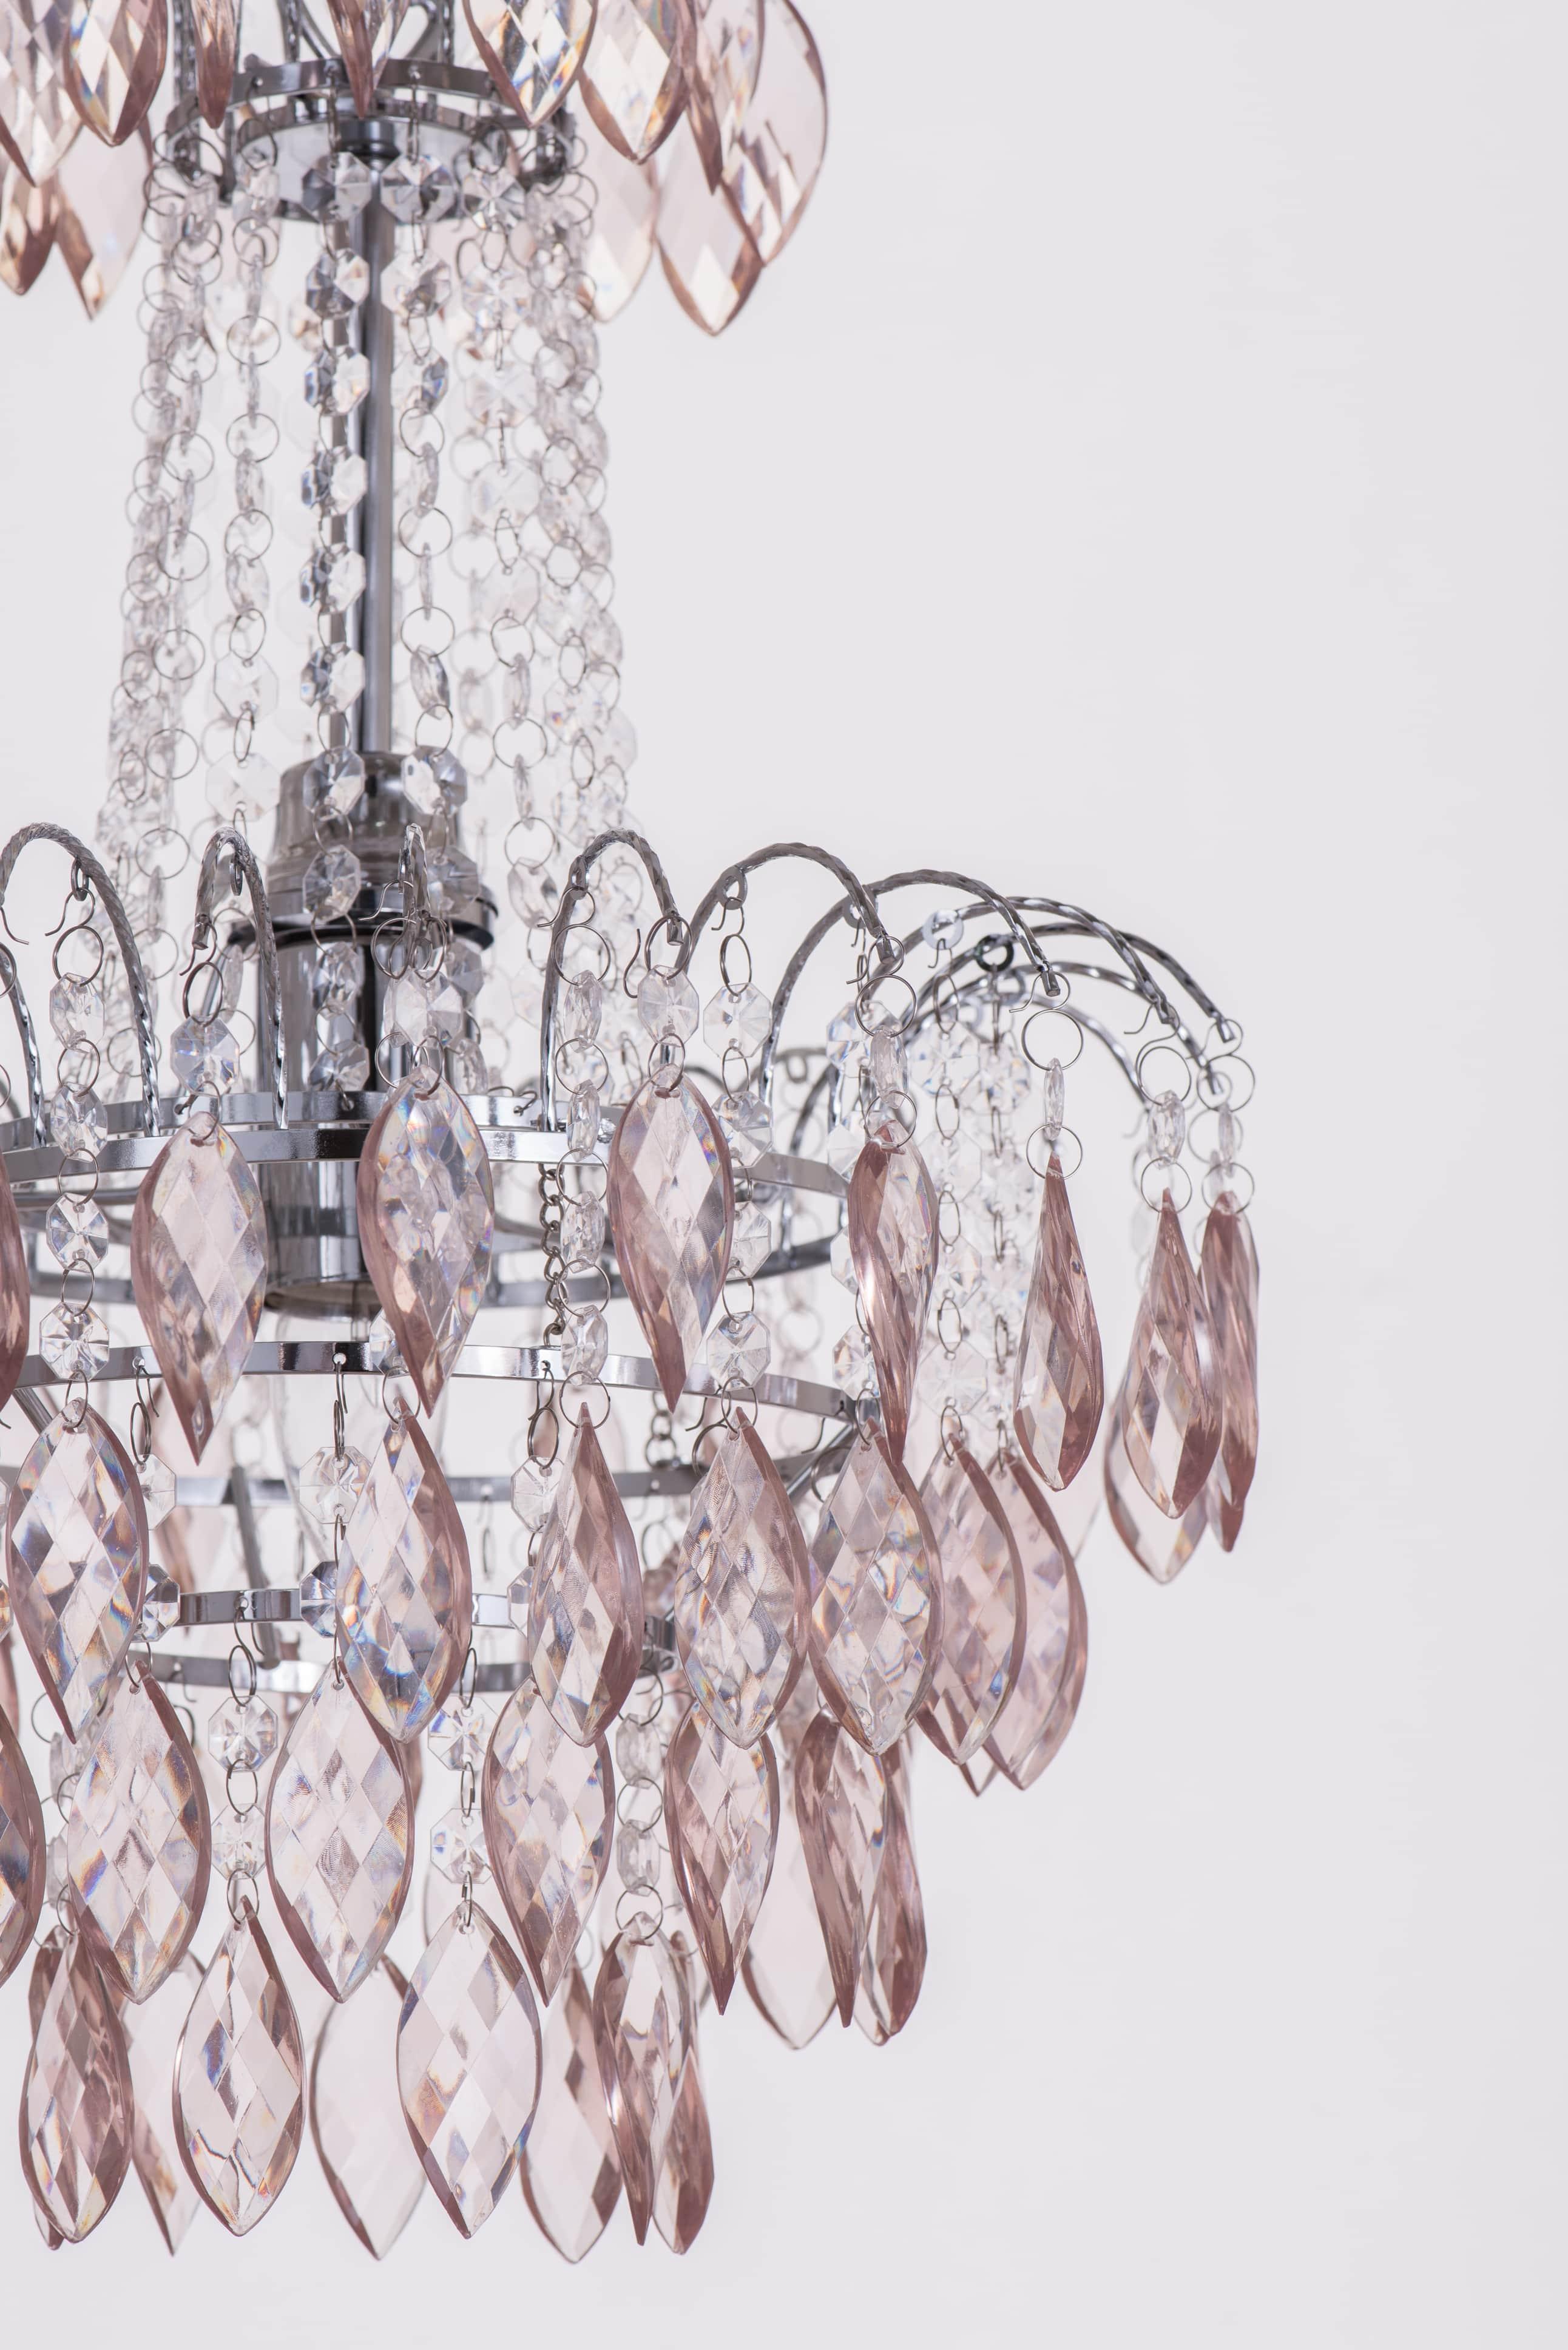 紅香檳色八角壓克力珠鍍鉻吊燈-BNL00060 1